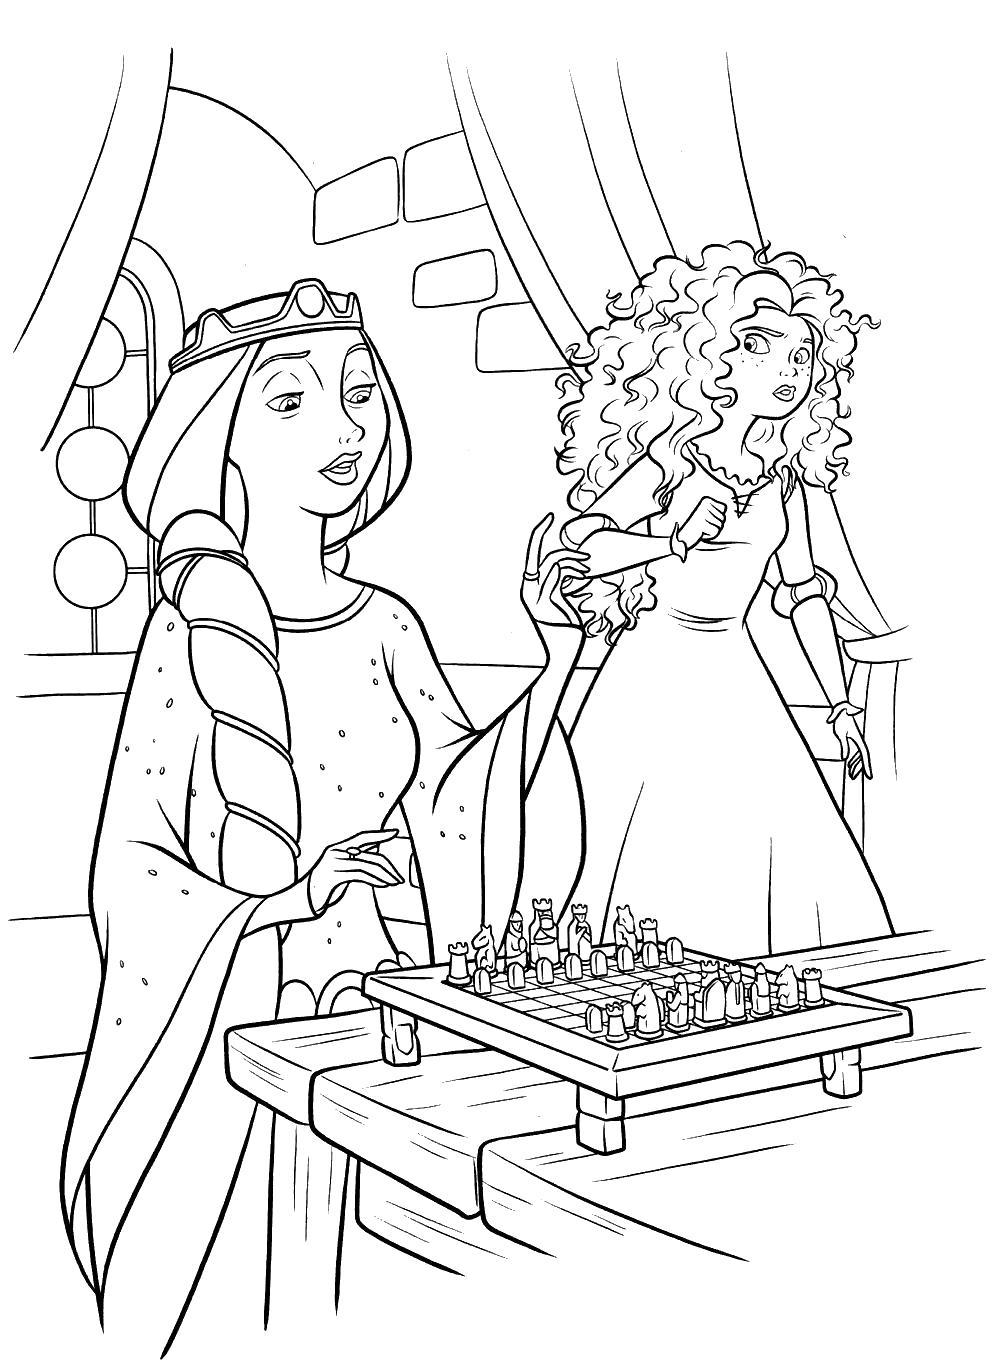 Королева играет в шахматы Раскраски с цветами распечатать бесплатно